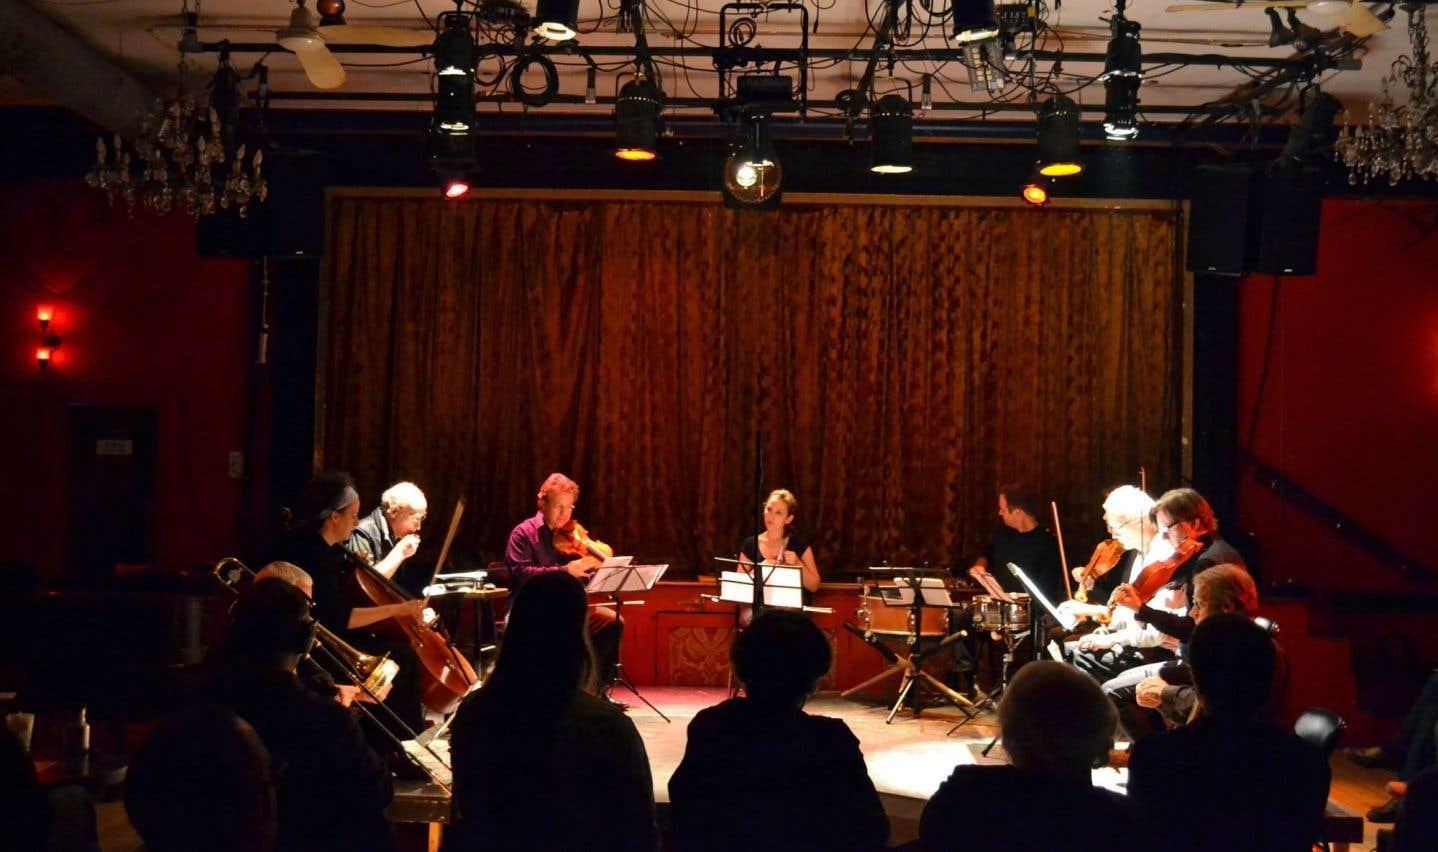 Le quatuor à cordes Bozzini (ci-dessus en compagnie du groupe Wandelweiser) interprétera divers extraits d'œuvres contemporaines.